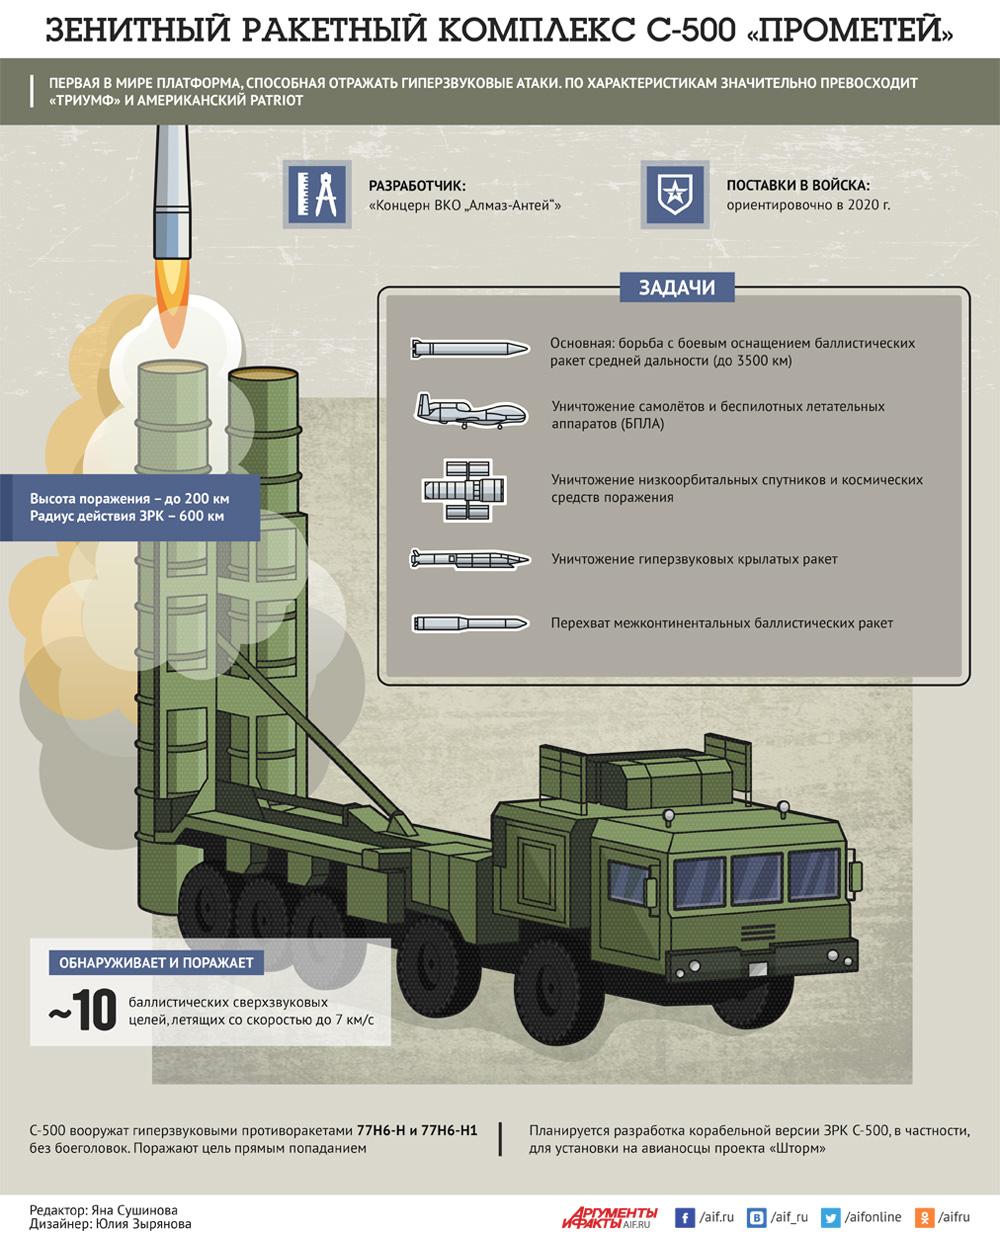 с 500 зенитно ракетный комплекс характеристики